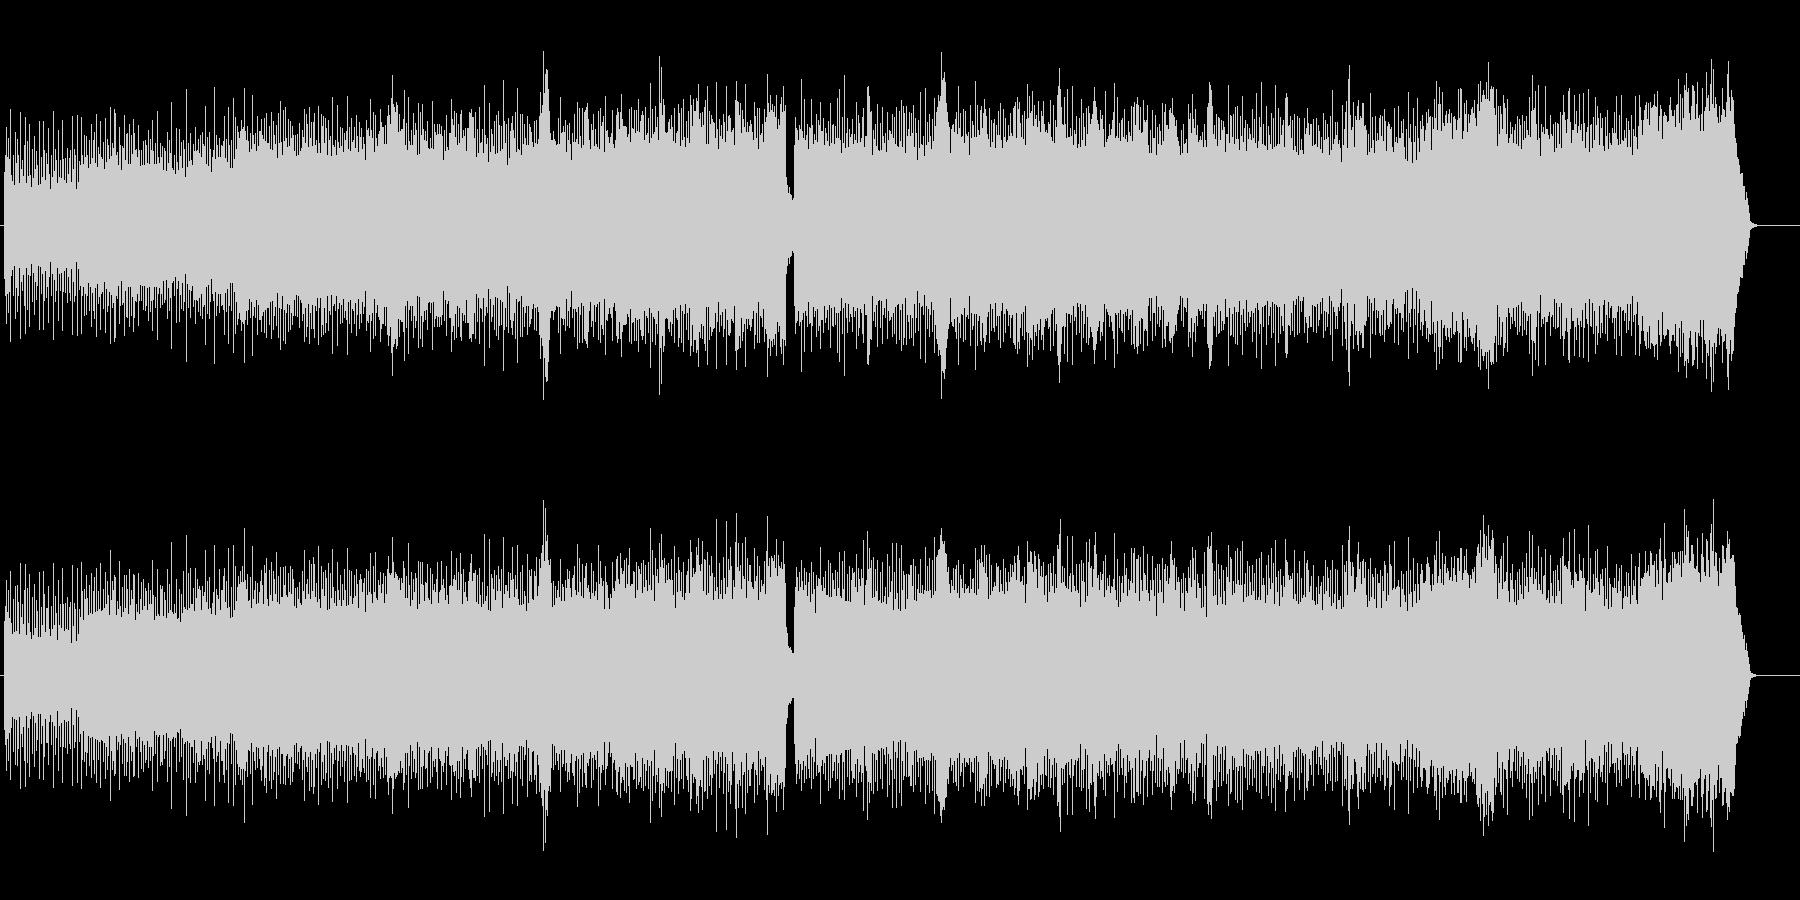 ヘヴィで疾走感のあるメタルBGMの未再生の波形